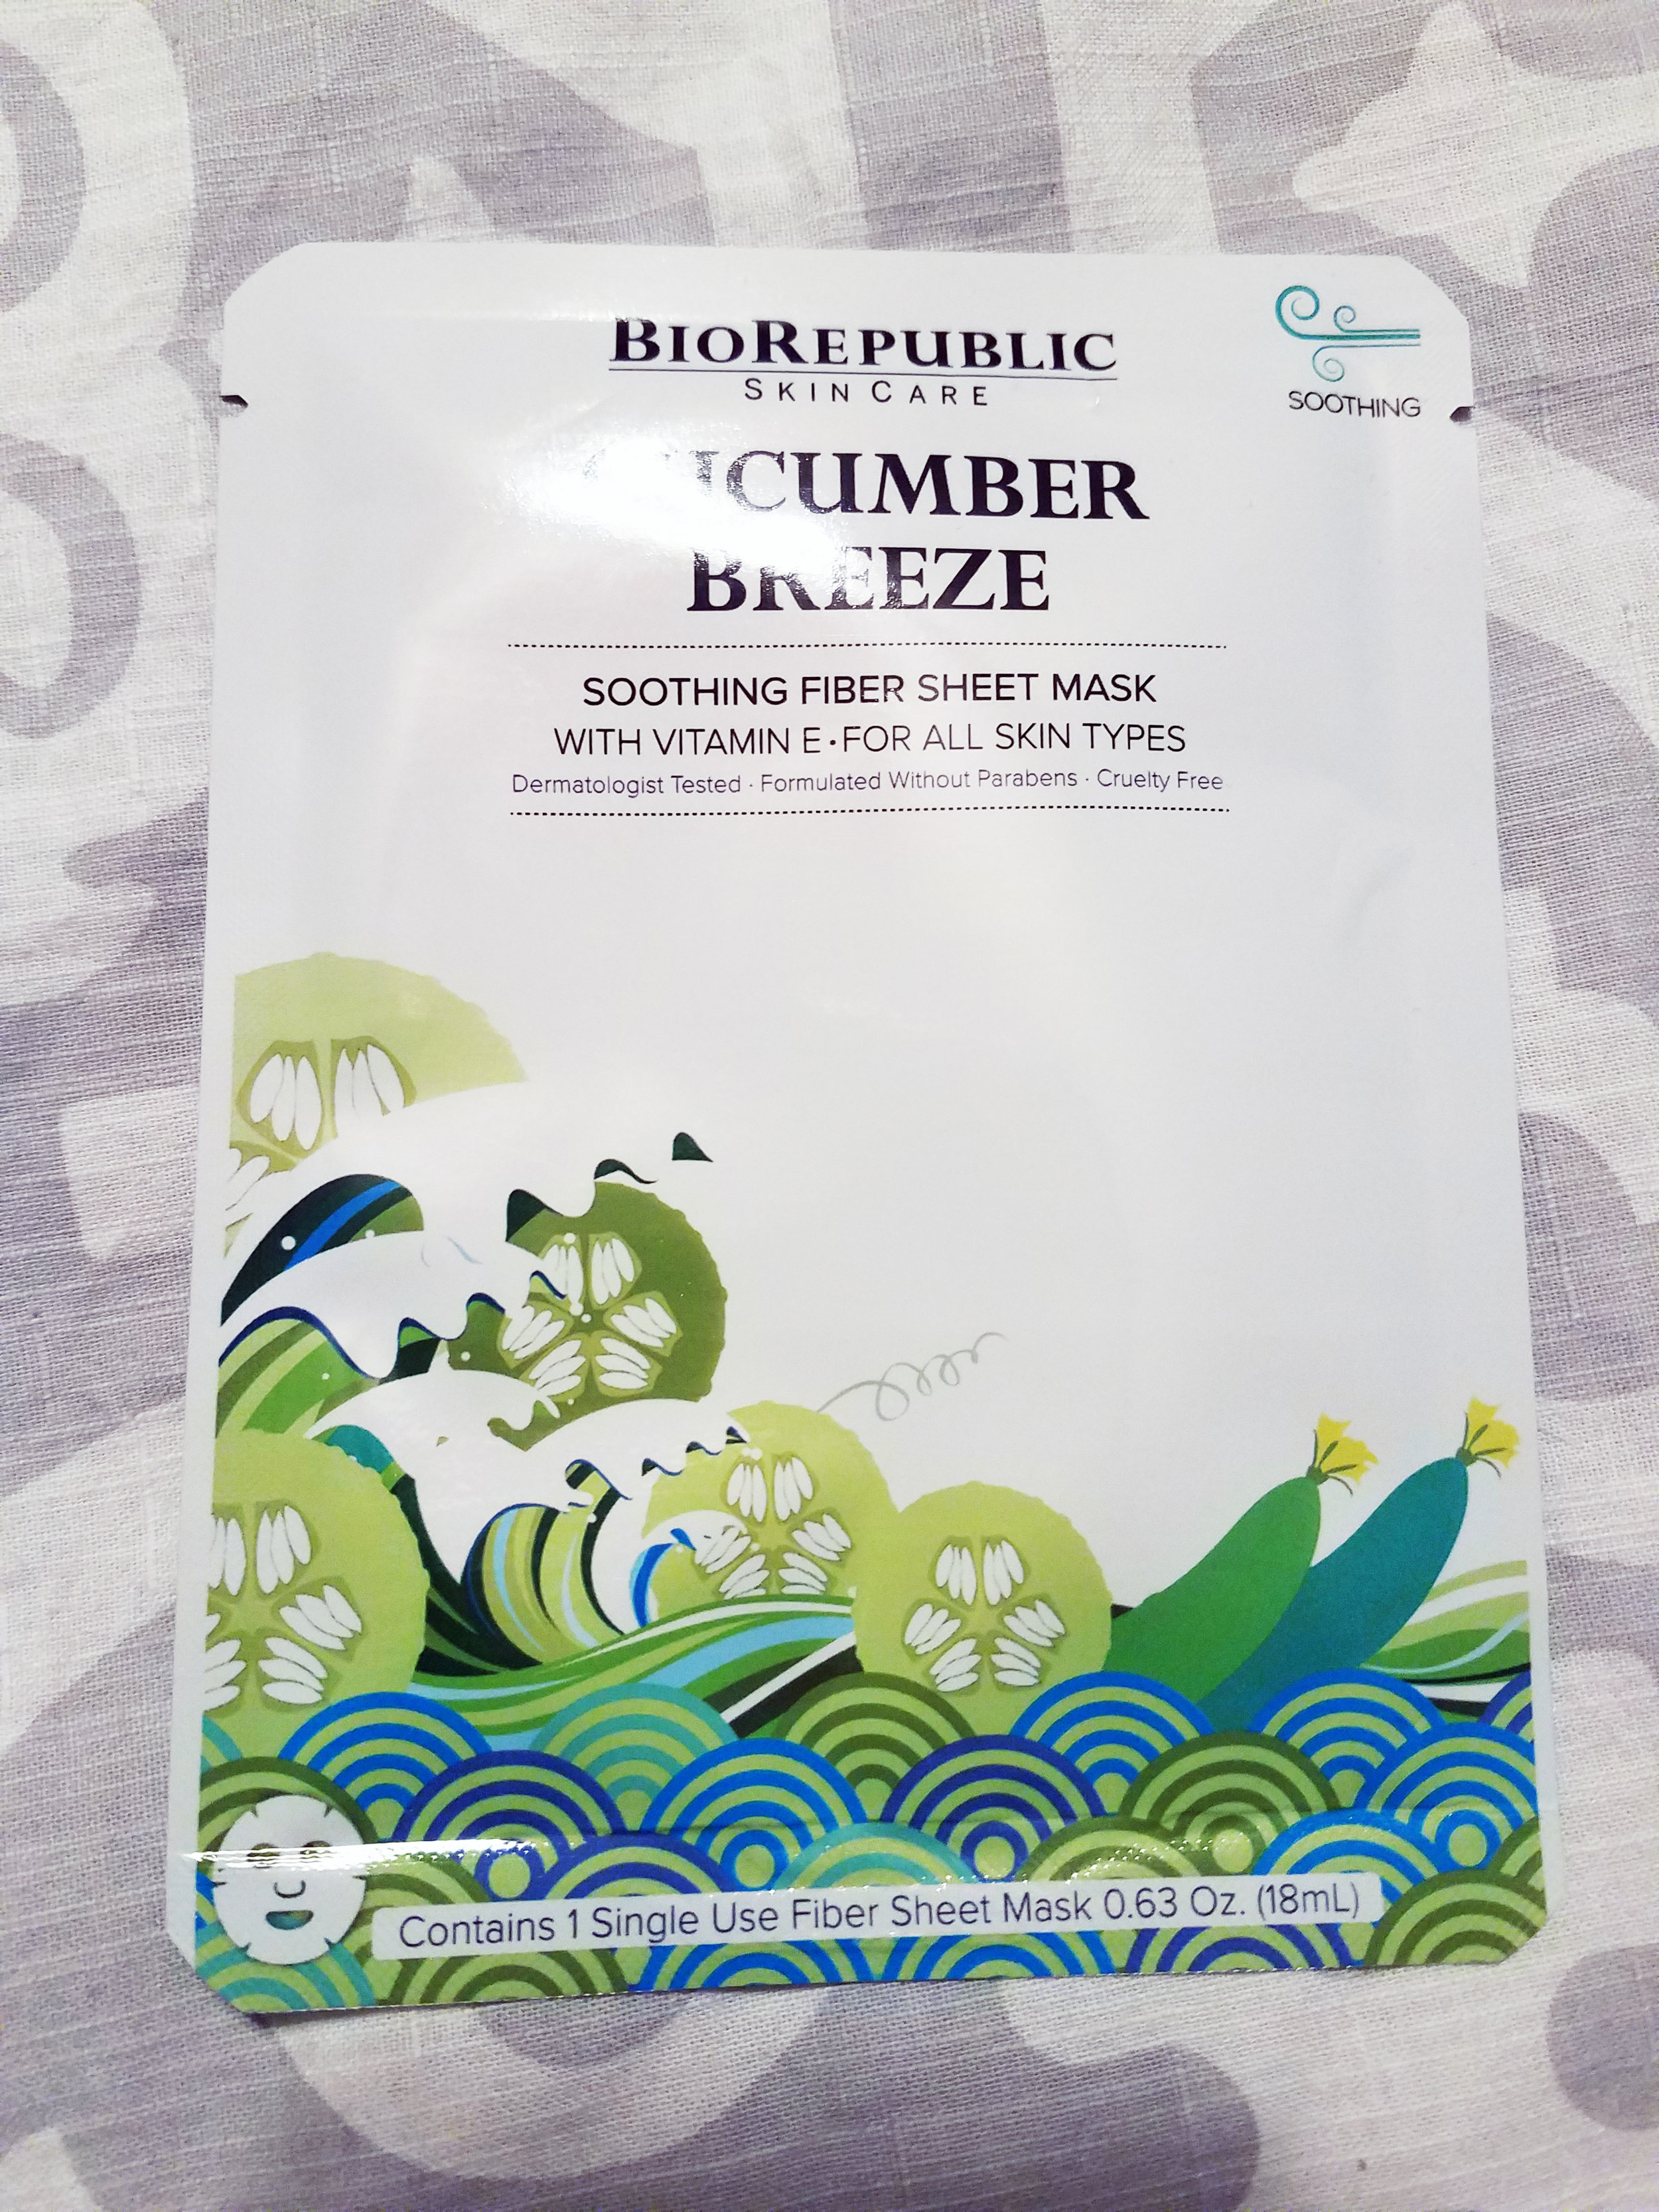 BioRepublic SkinCare Sheet Mask Duo - Cucmuber Breeze